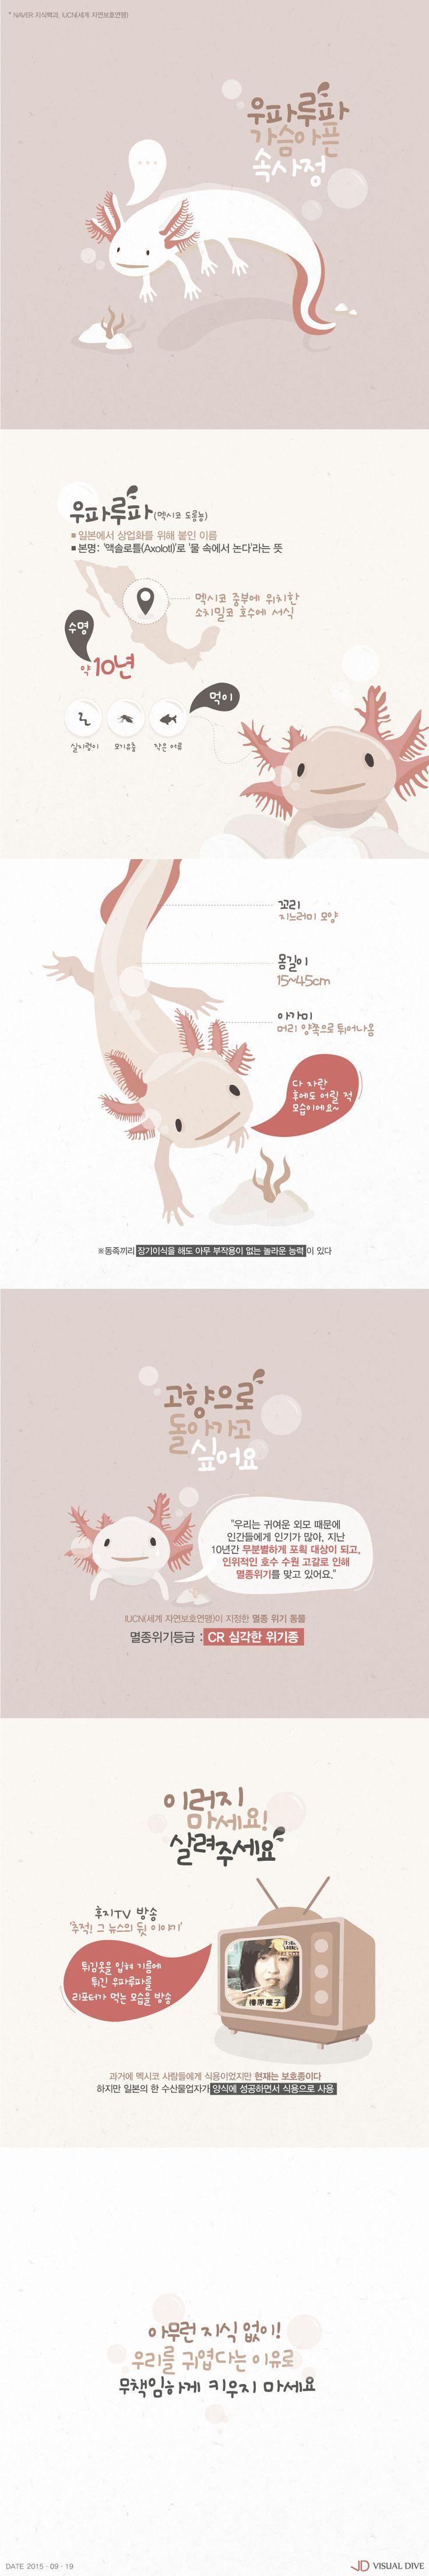 '우파루파'의 가슴 아픈 속사정을 아시나요? [인포그래픽] #Axolotl / #Infographic ⓒ 비주얼다이브 무단 복사·전재·재배포…